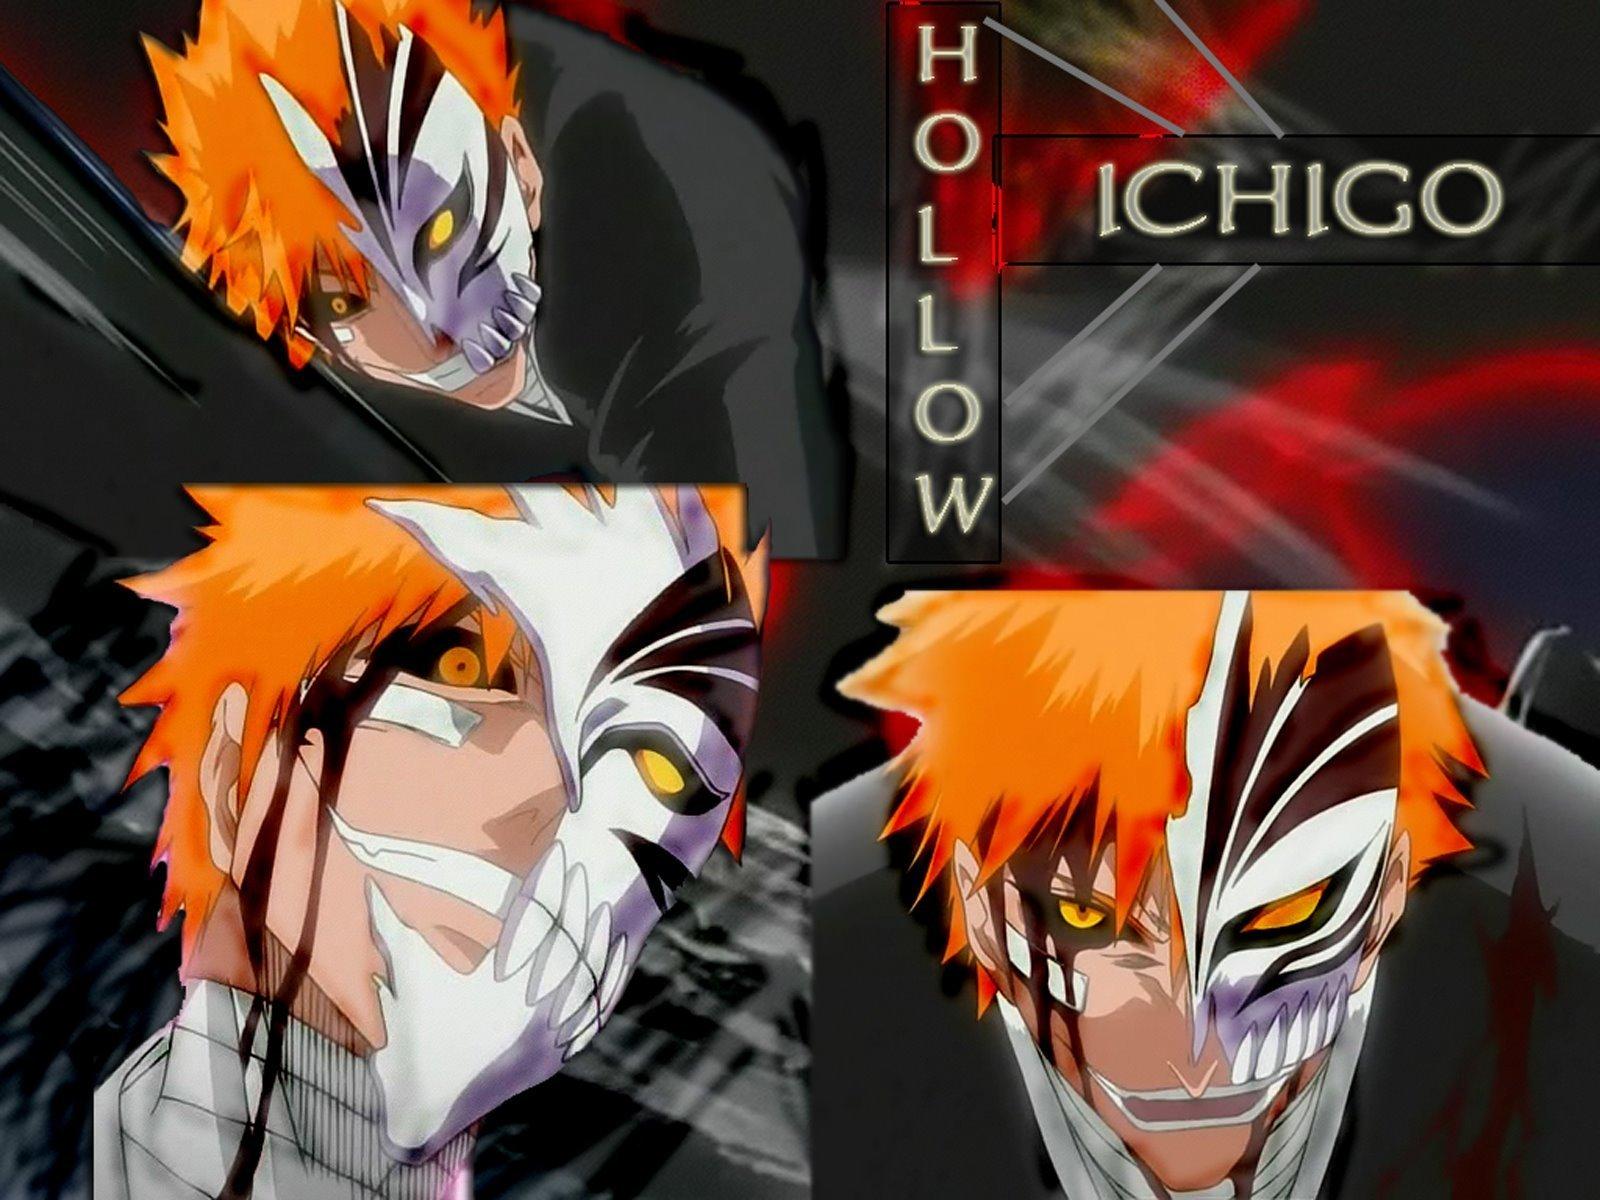 Hollow ichigo ichigo h